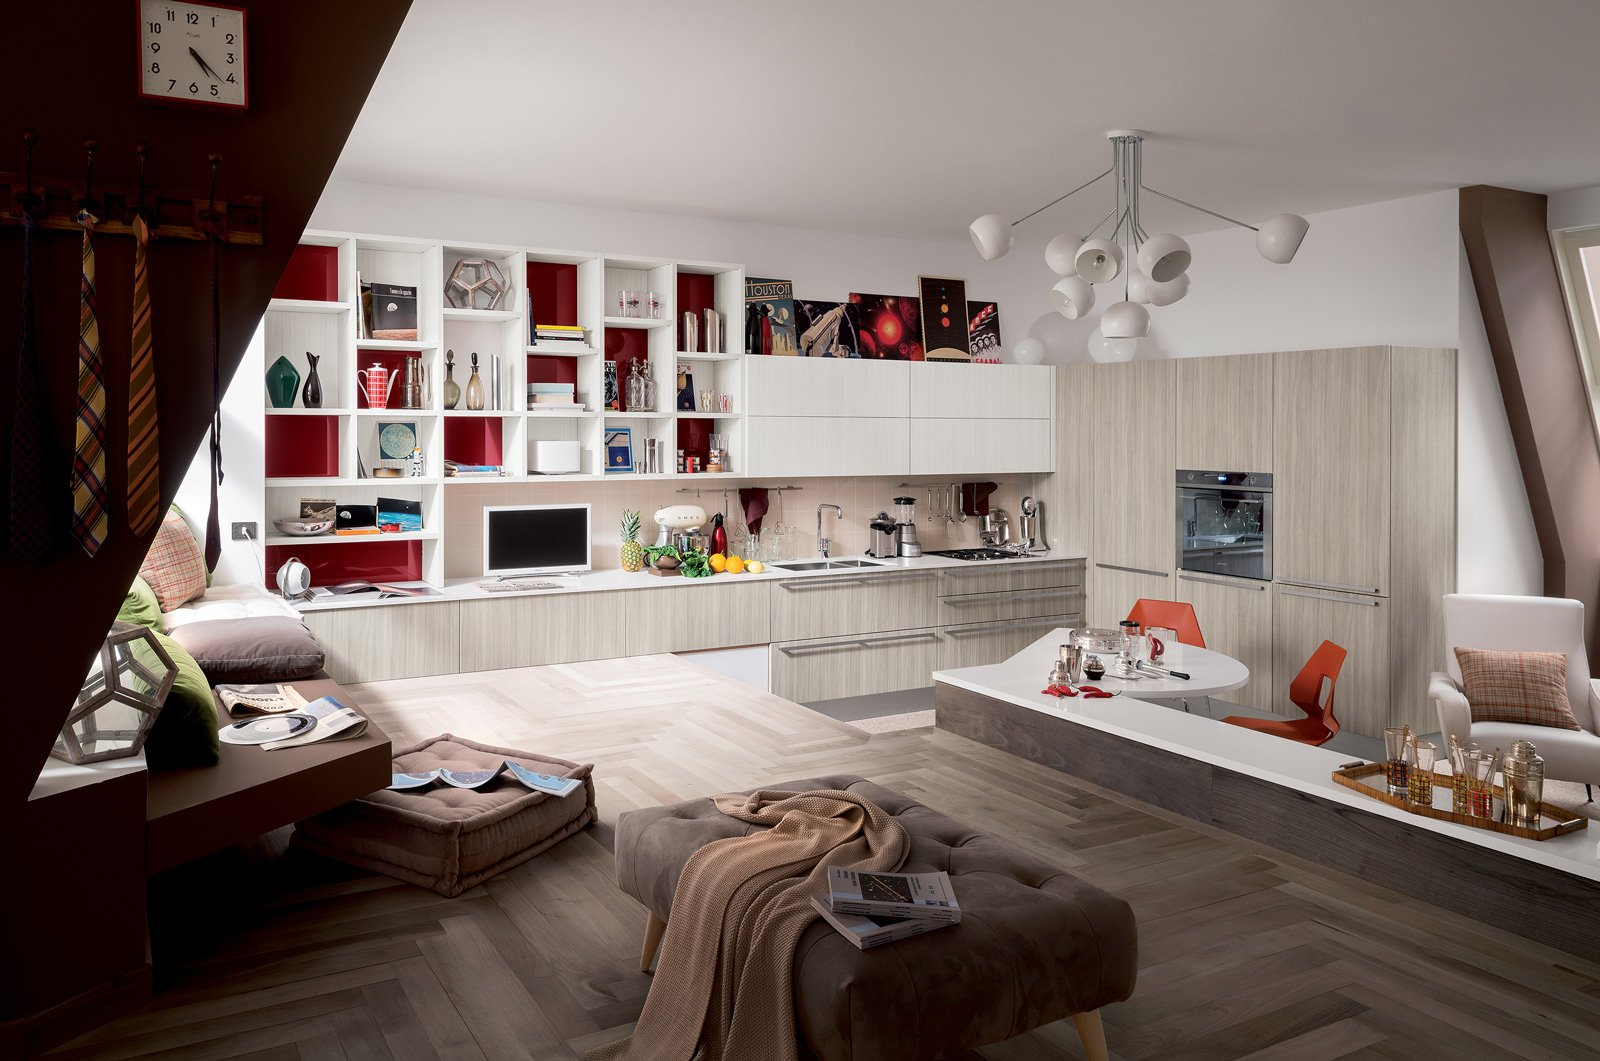 Cucine living con vani a giorno cose di casa - Cucine a giorno ...